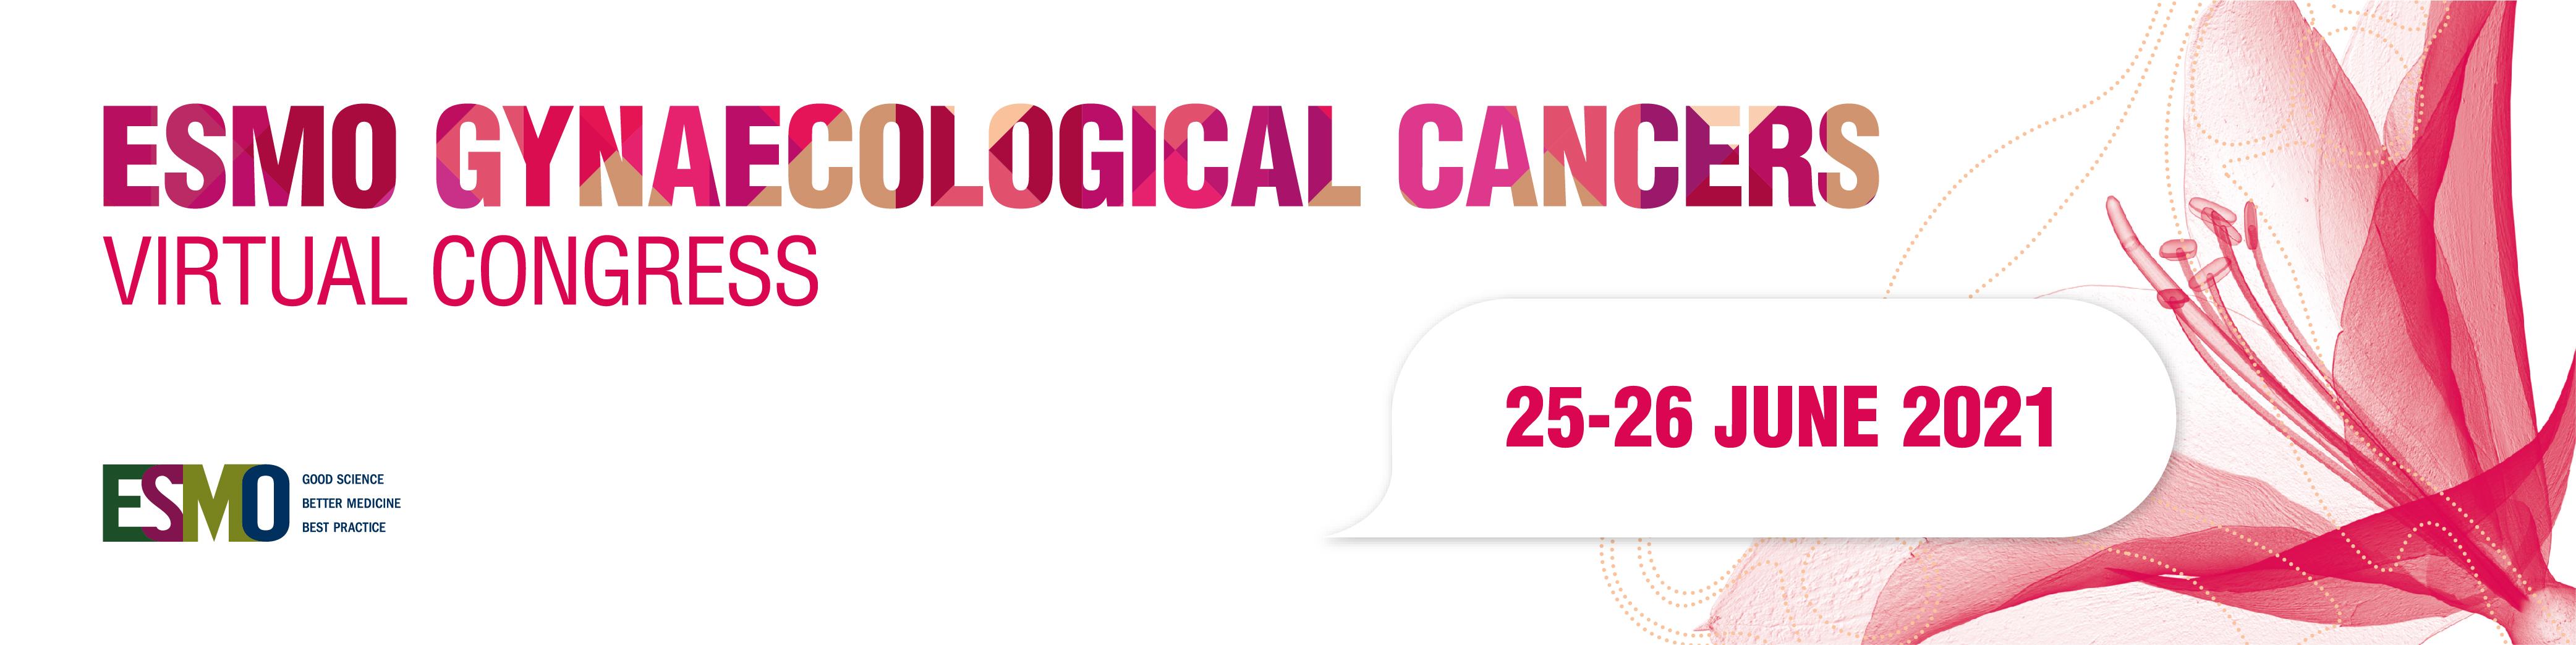 endometrium rák esmo 2021)